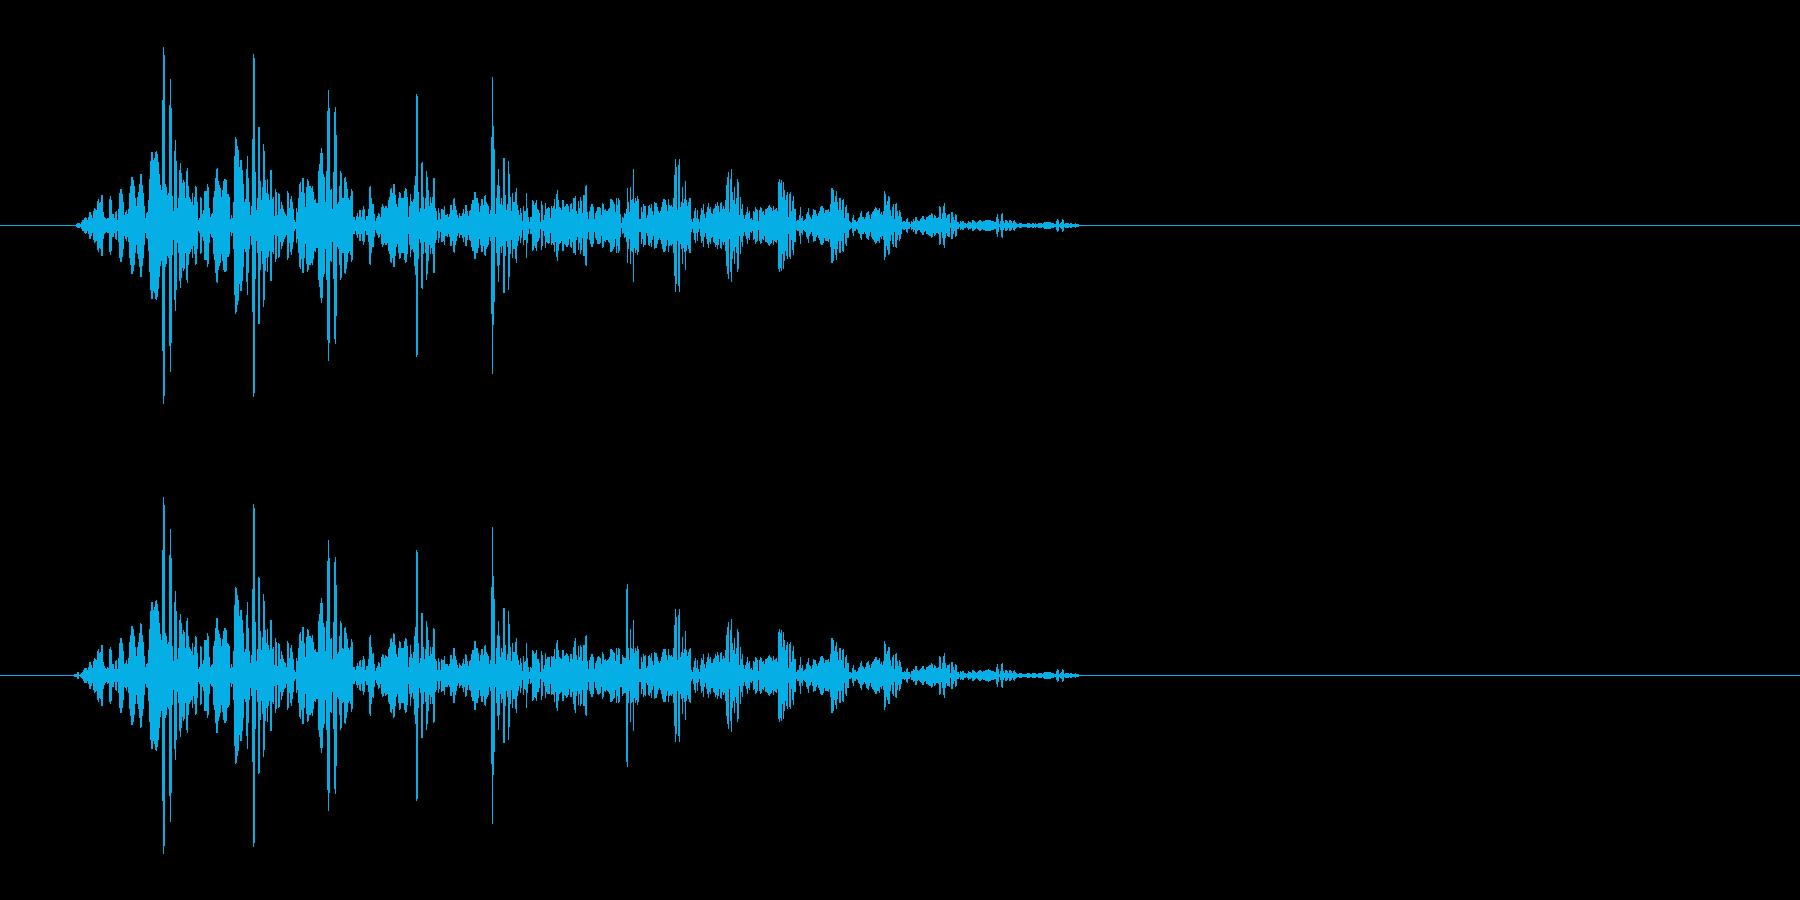 ぶたの鳴き声(ぶひっと鳴く)の再生済みの波形